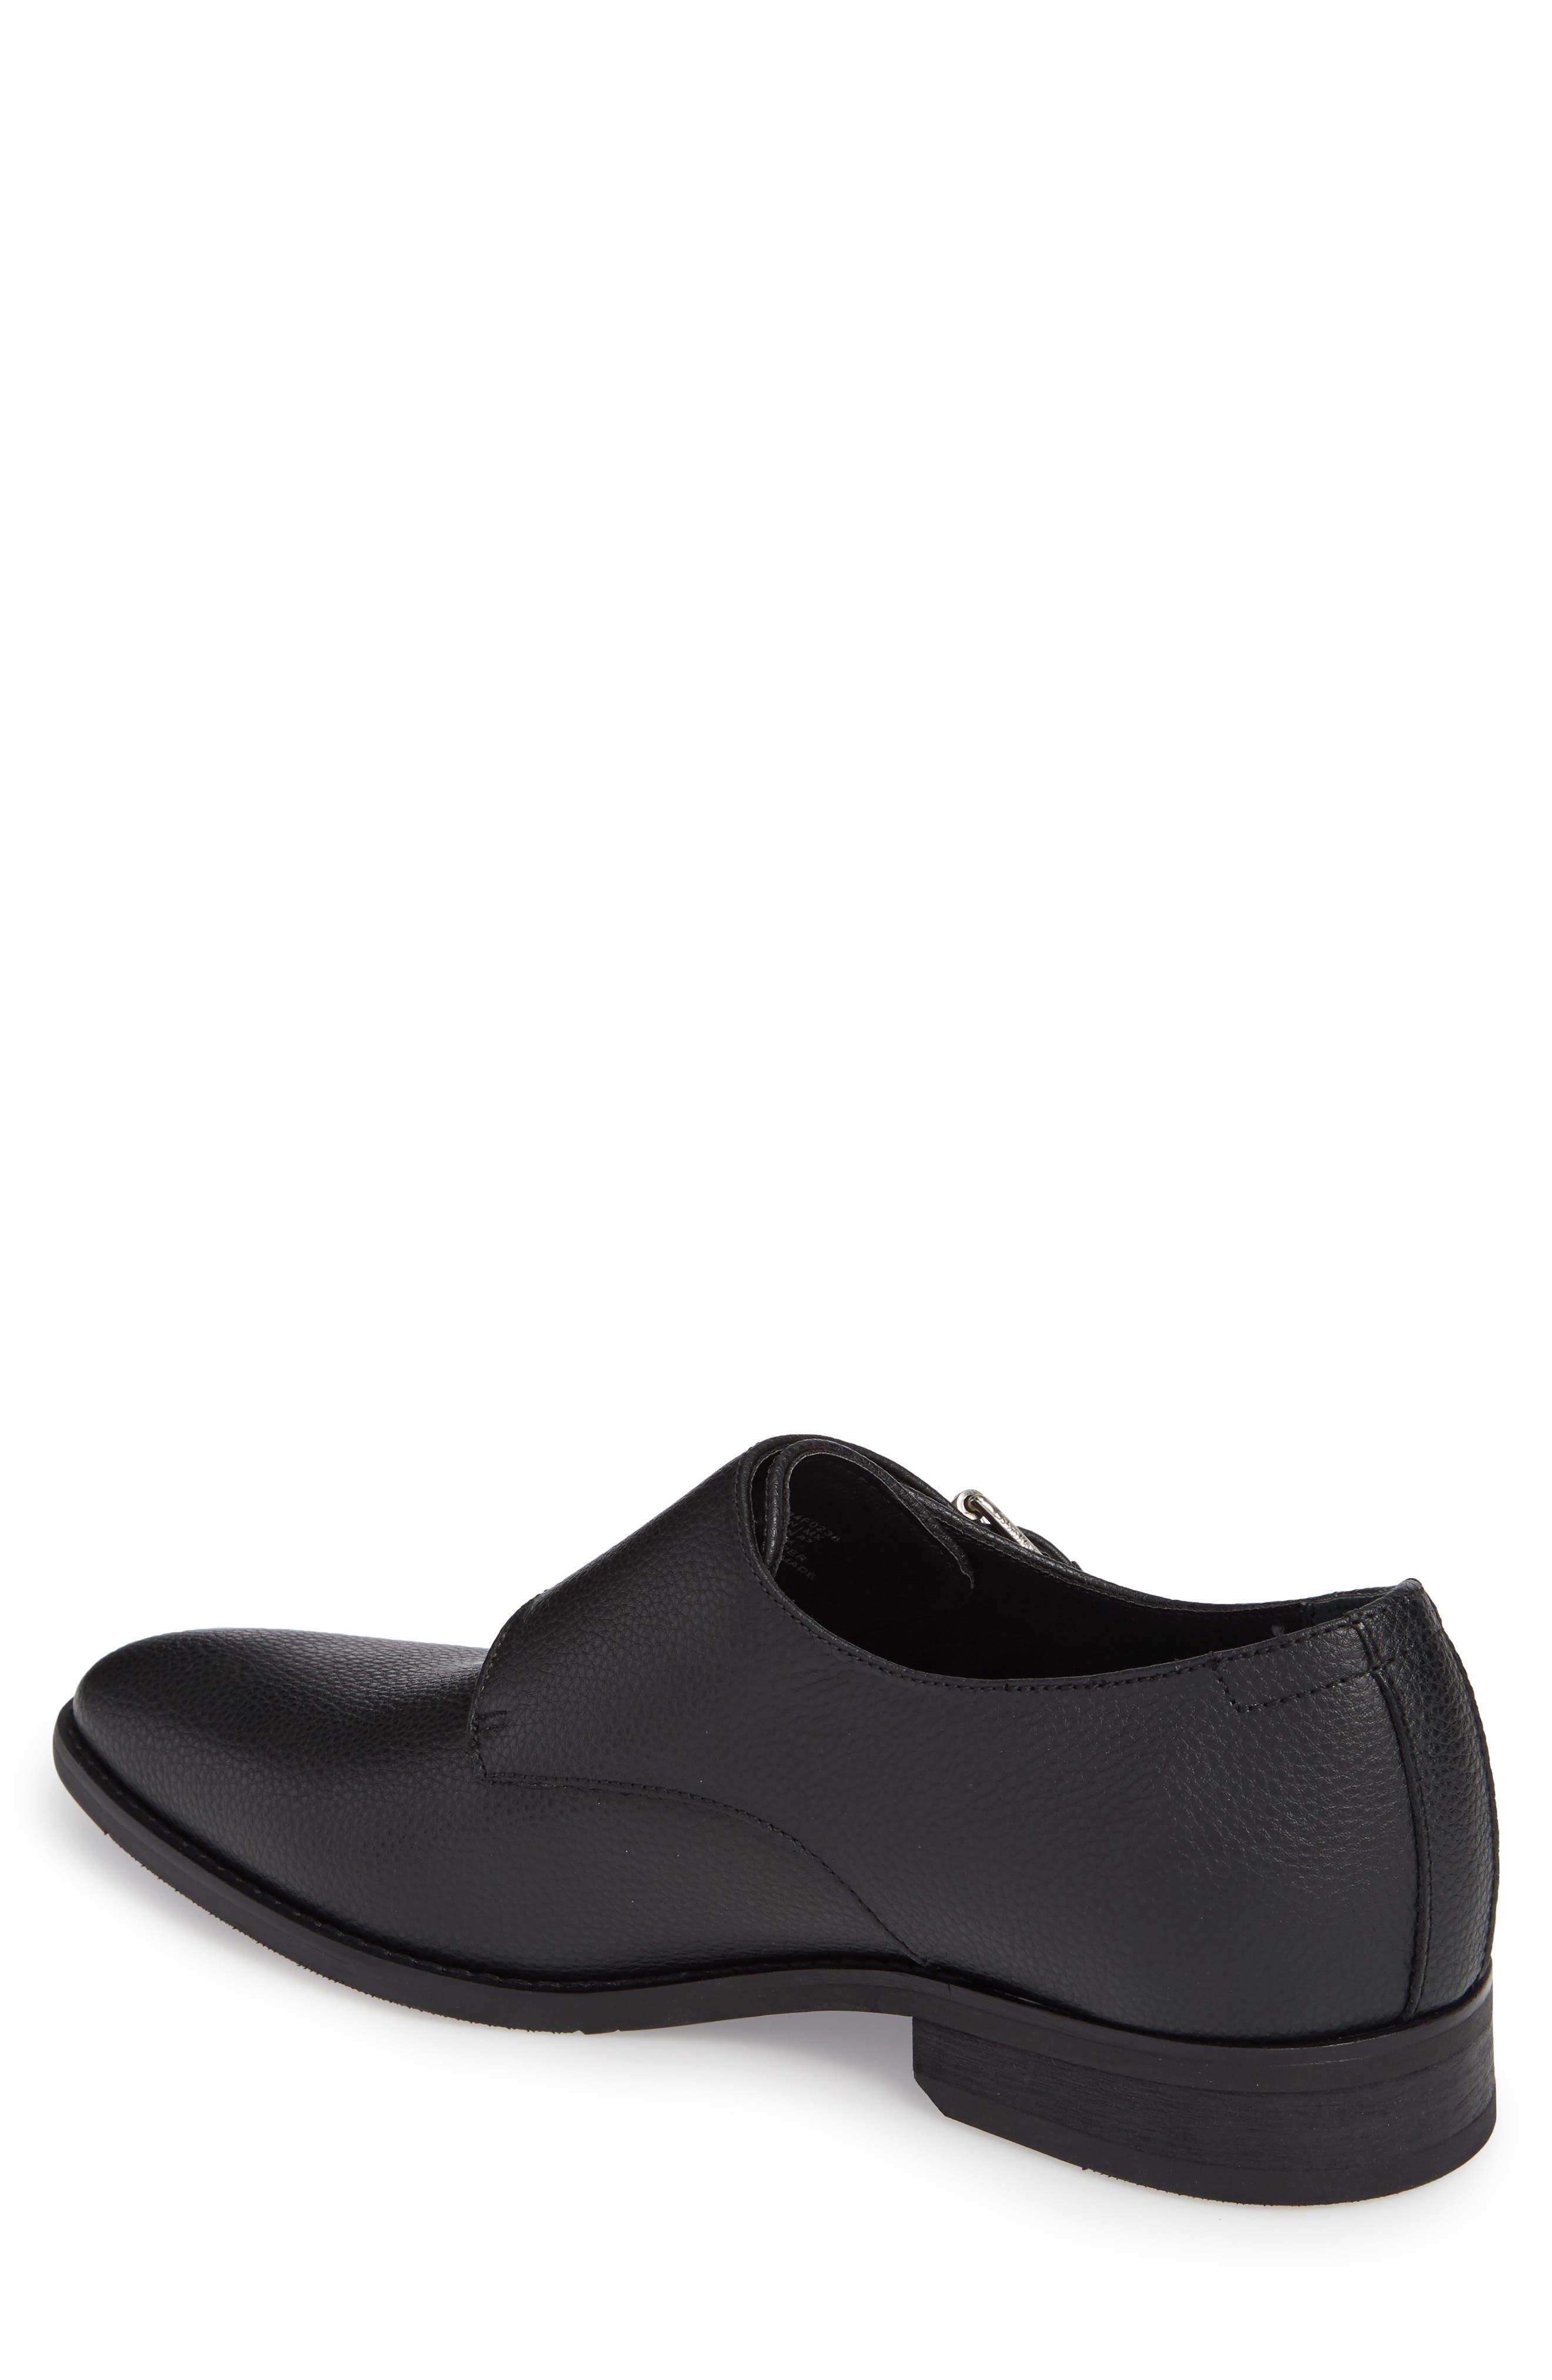 Robbie Double Monk Strap Shoe,                             Alternate thumbnail 2, color,                             Black Leather